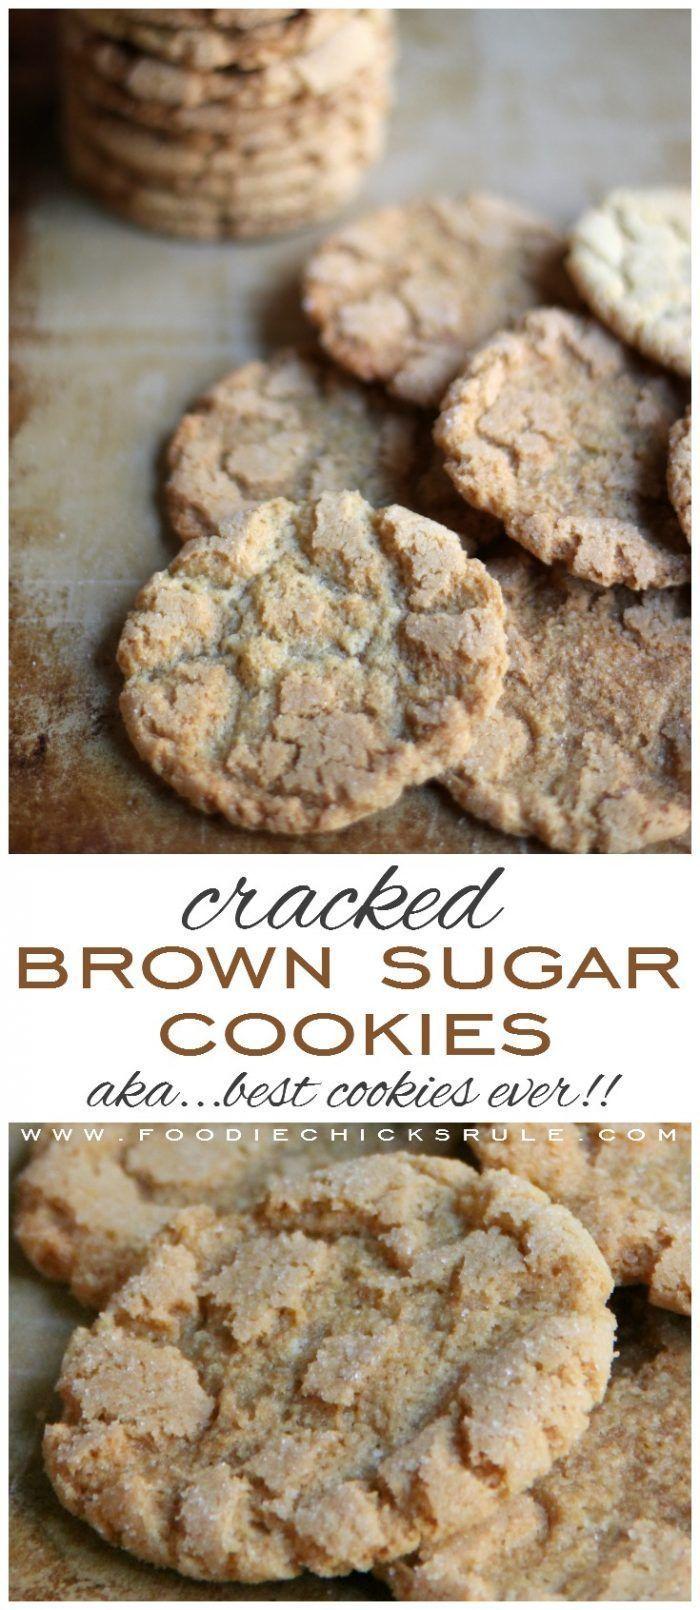 Cracked Brown Sugar Cookies (aka THE BEST SUGAR COOKIE EVER!) - My Pinterest Cookbook Cracked Brown